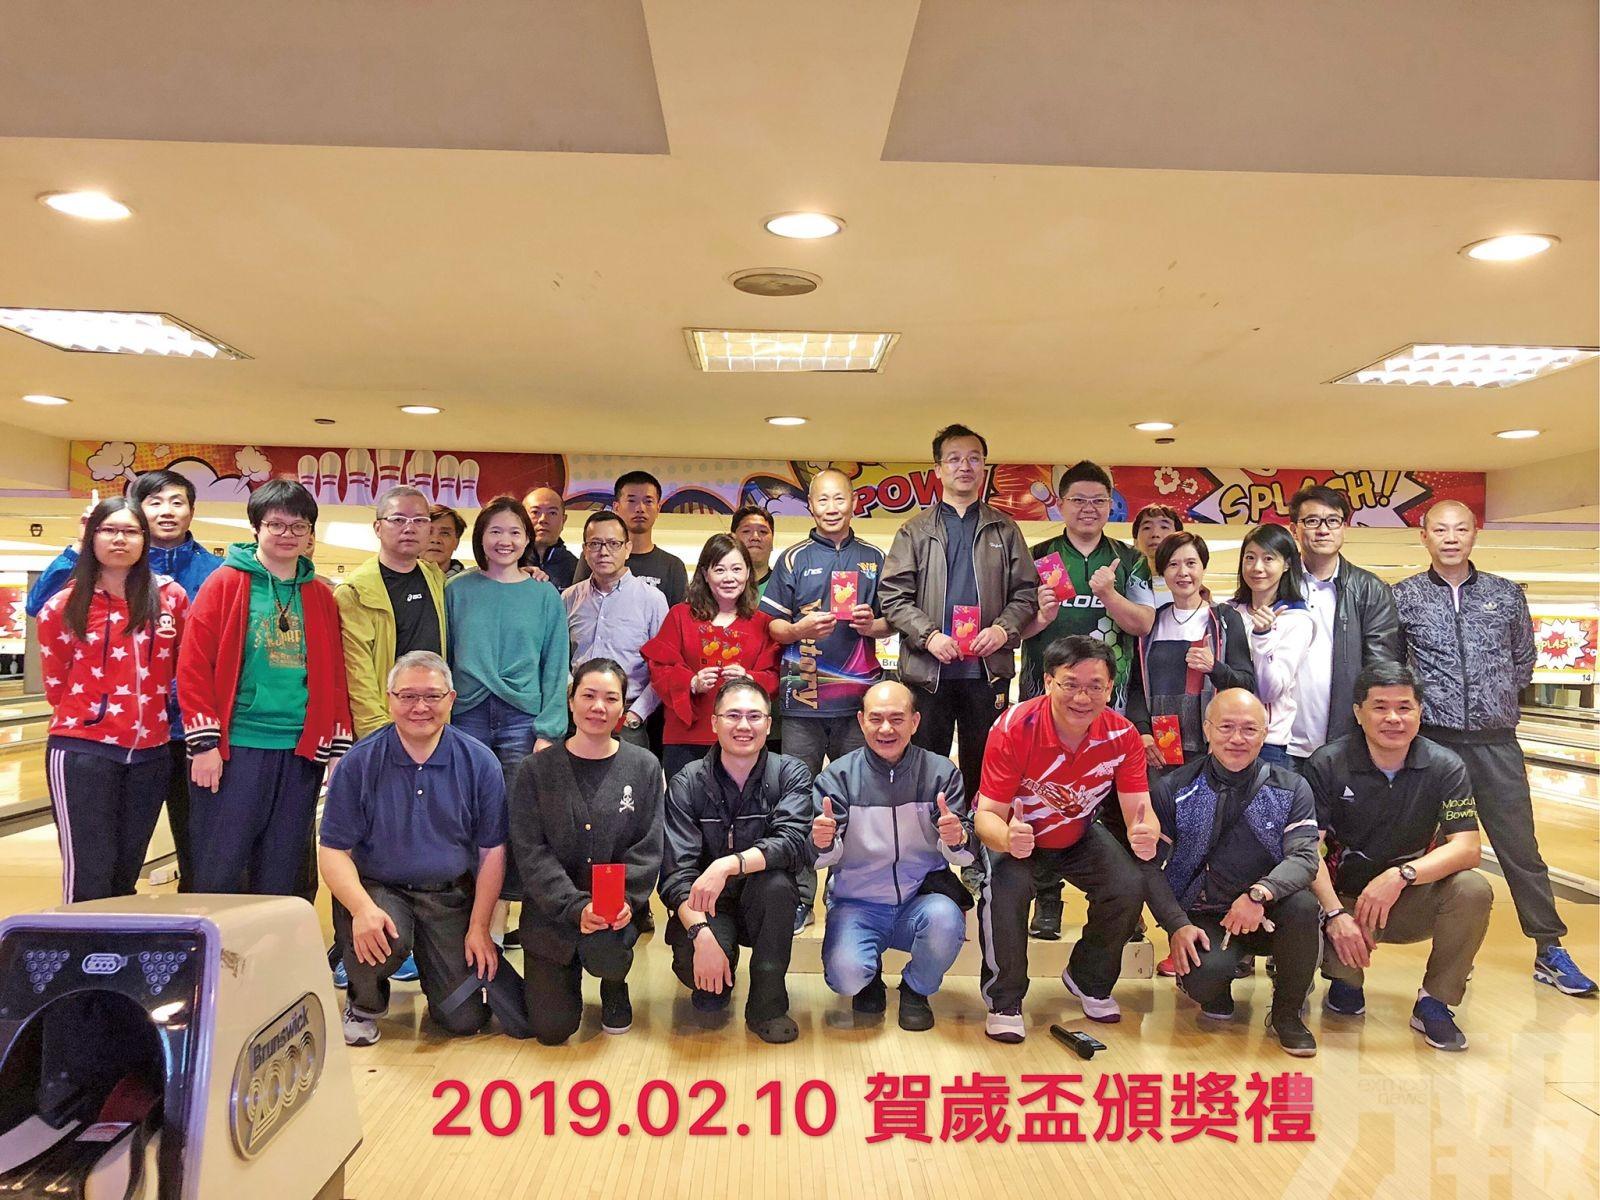 盧天浩捧走勝利保齡球會賀歲盃